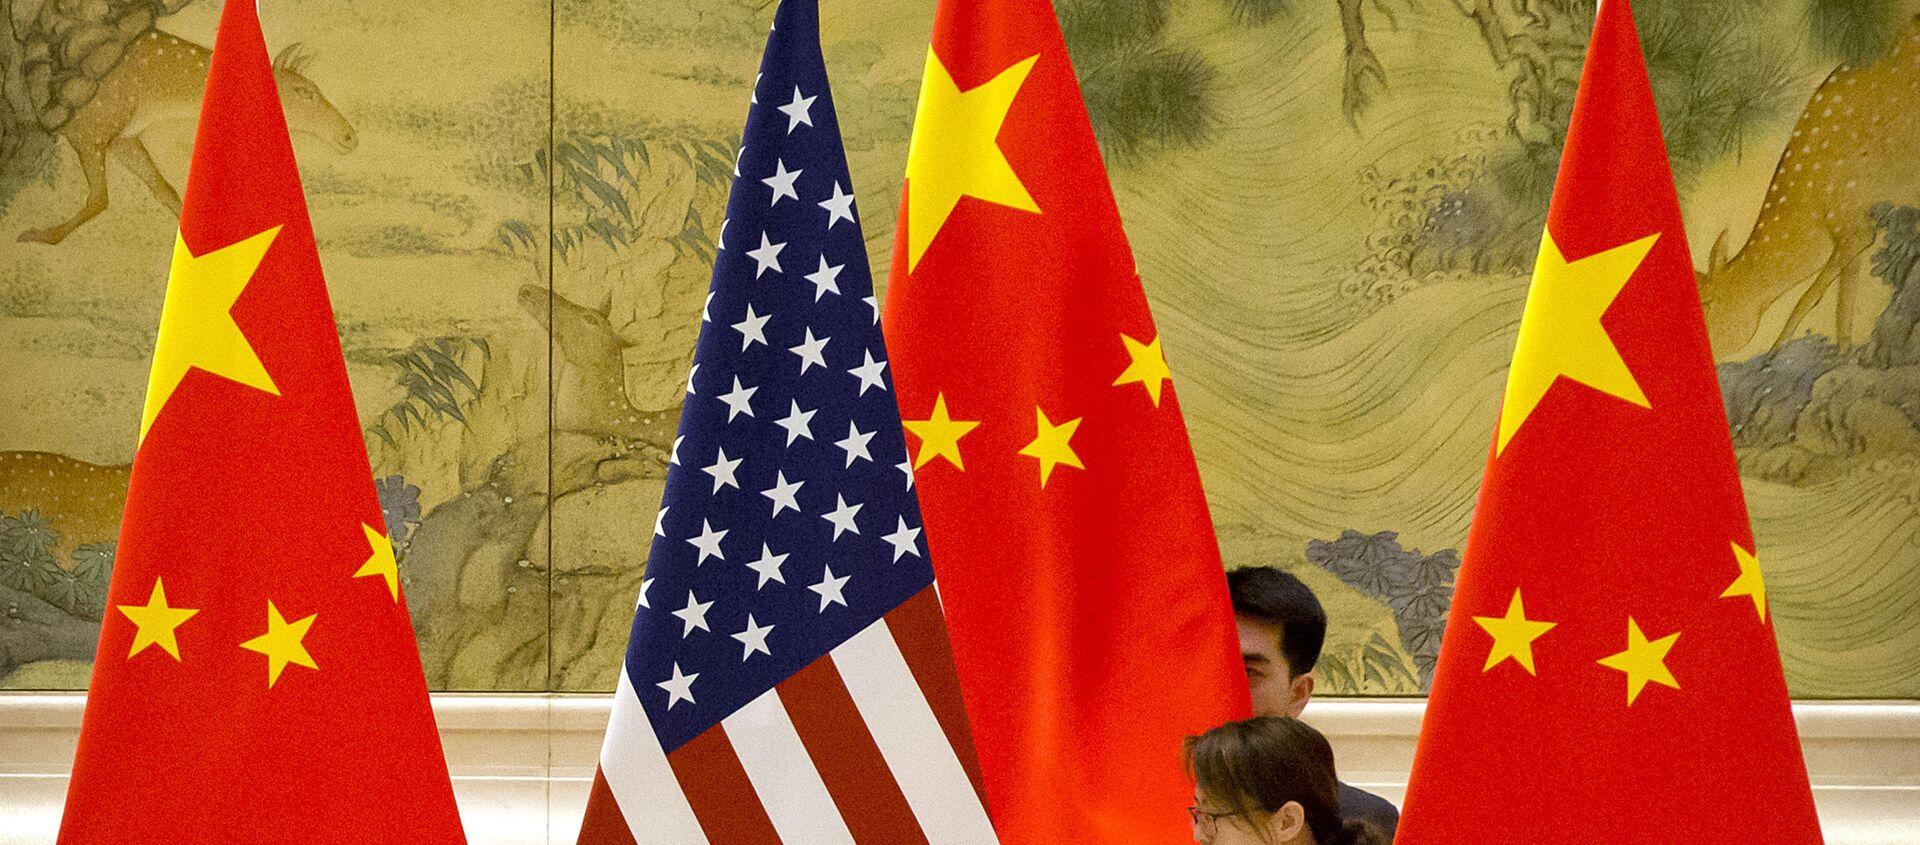 Banderas de Estados Unidos y China - Sputnik Mundo, 1920, 29.12.2020